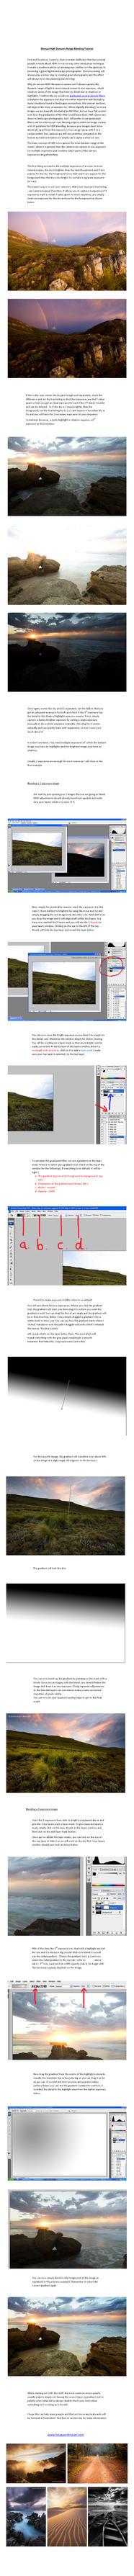 HDR tutorial - printable pdf by hougaard